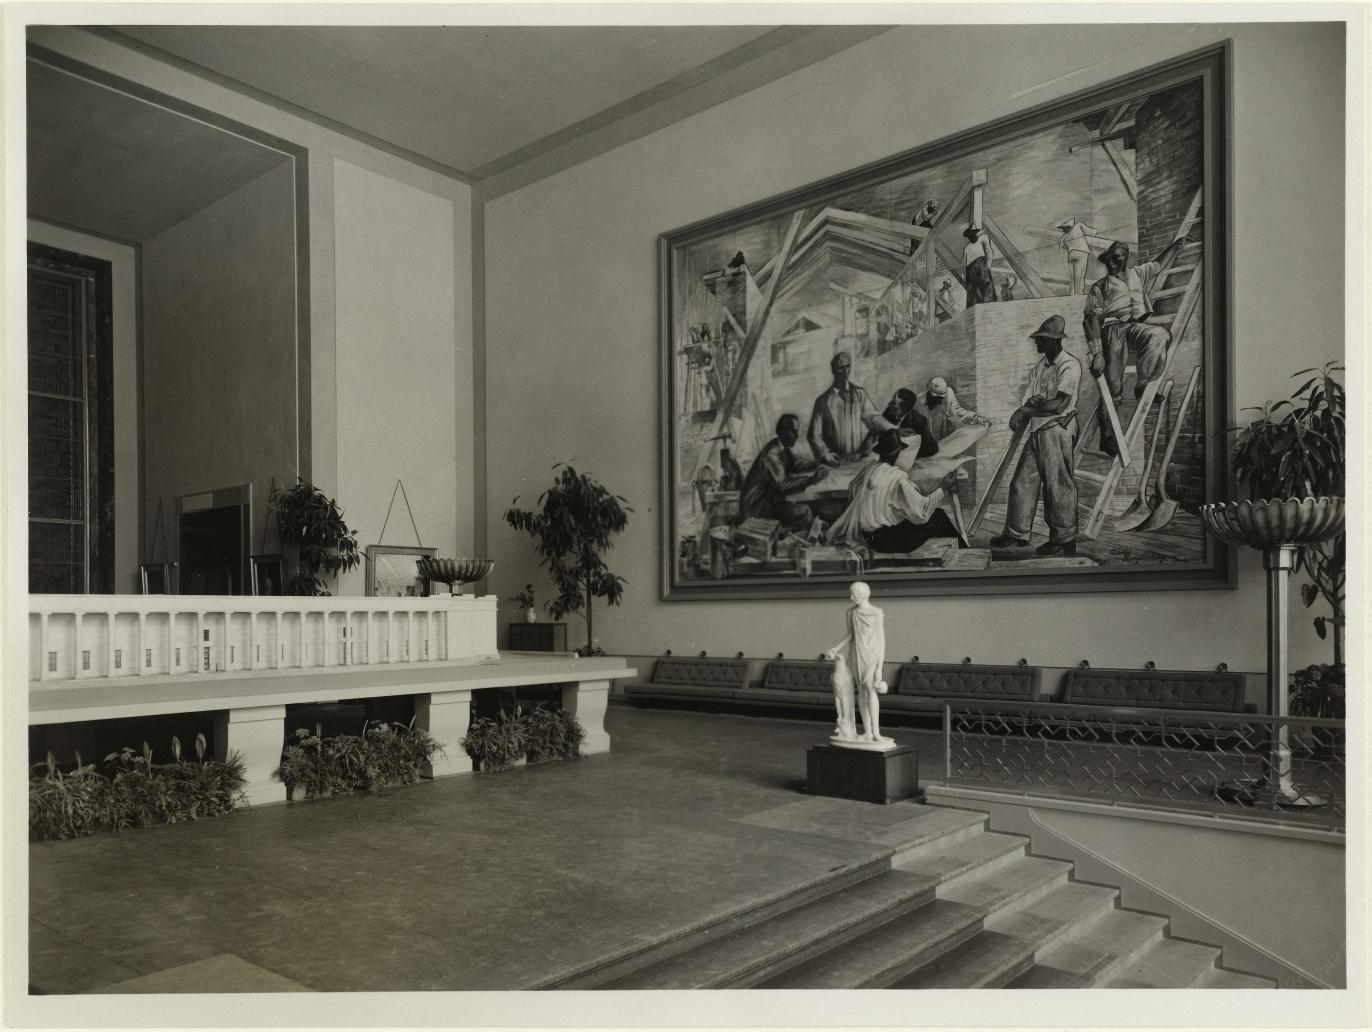 Выставочный зал, подиум. Картина «Братство» Рудольфа Хенгстенберга